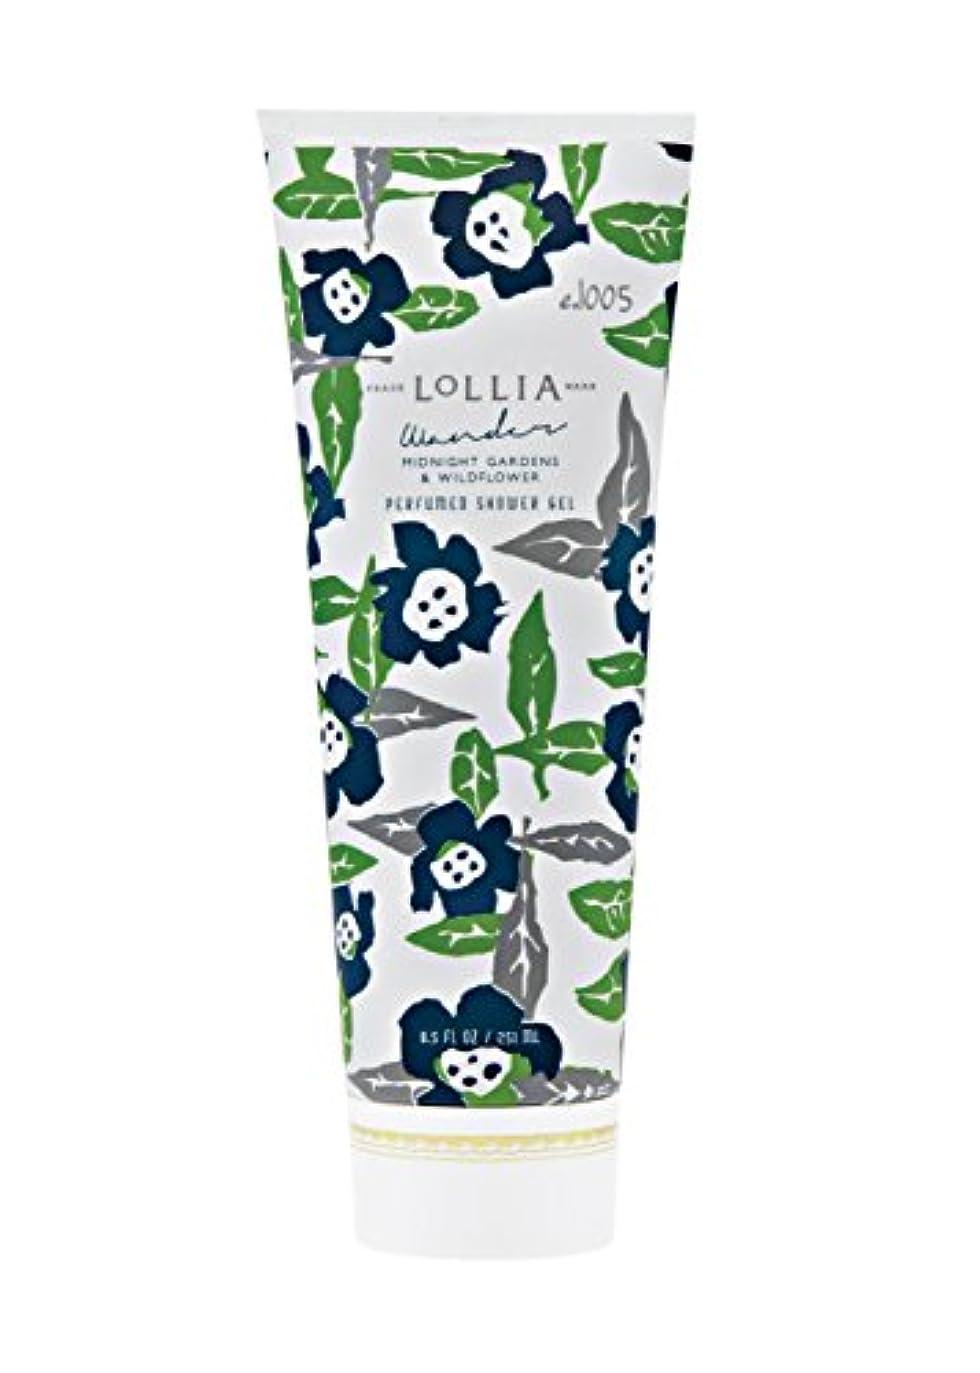 登る円周分析的なロリア(LoLLIA) パフュームドシャワージェル Wander 251ml(全身用洗浄料 ボディーソープ ナイトブルーミングジャスミンとサイプレスの香り)